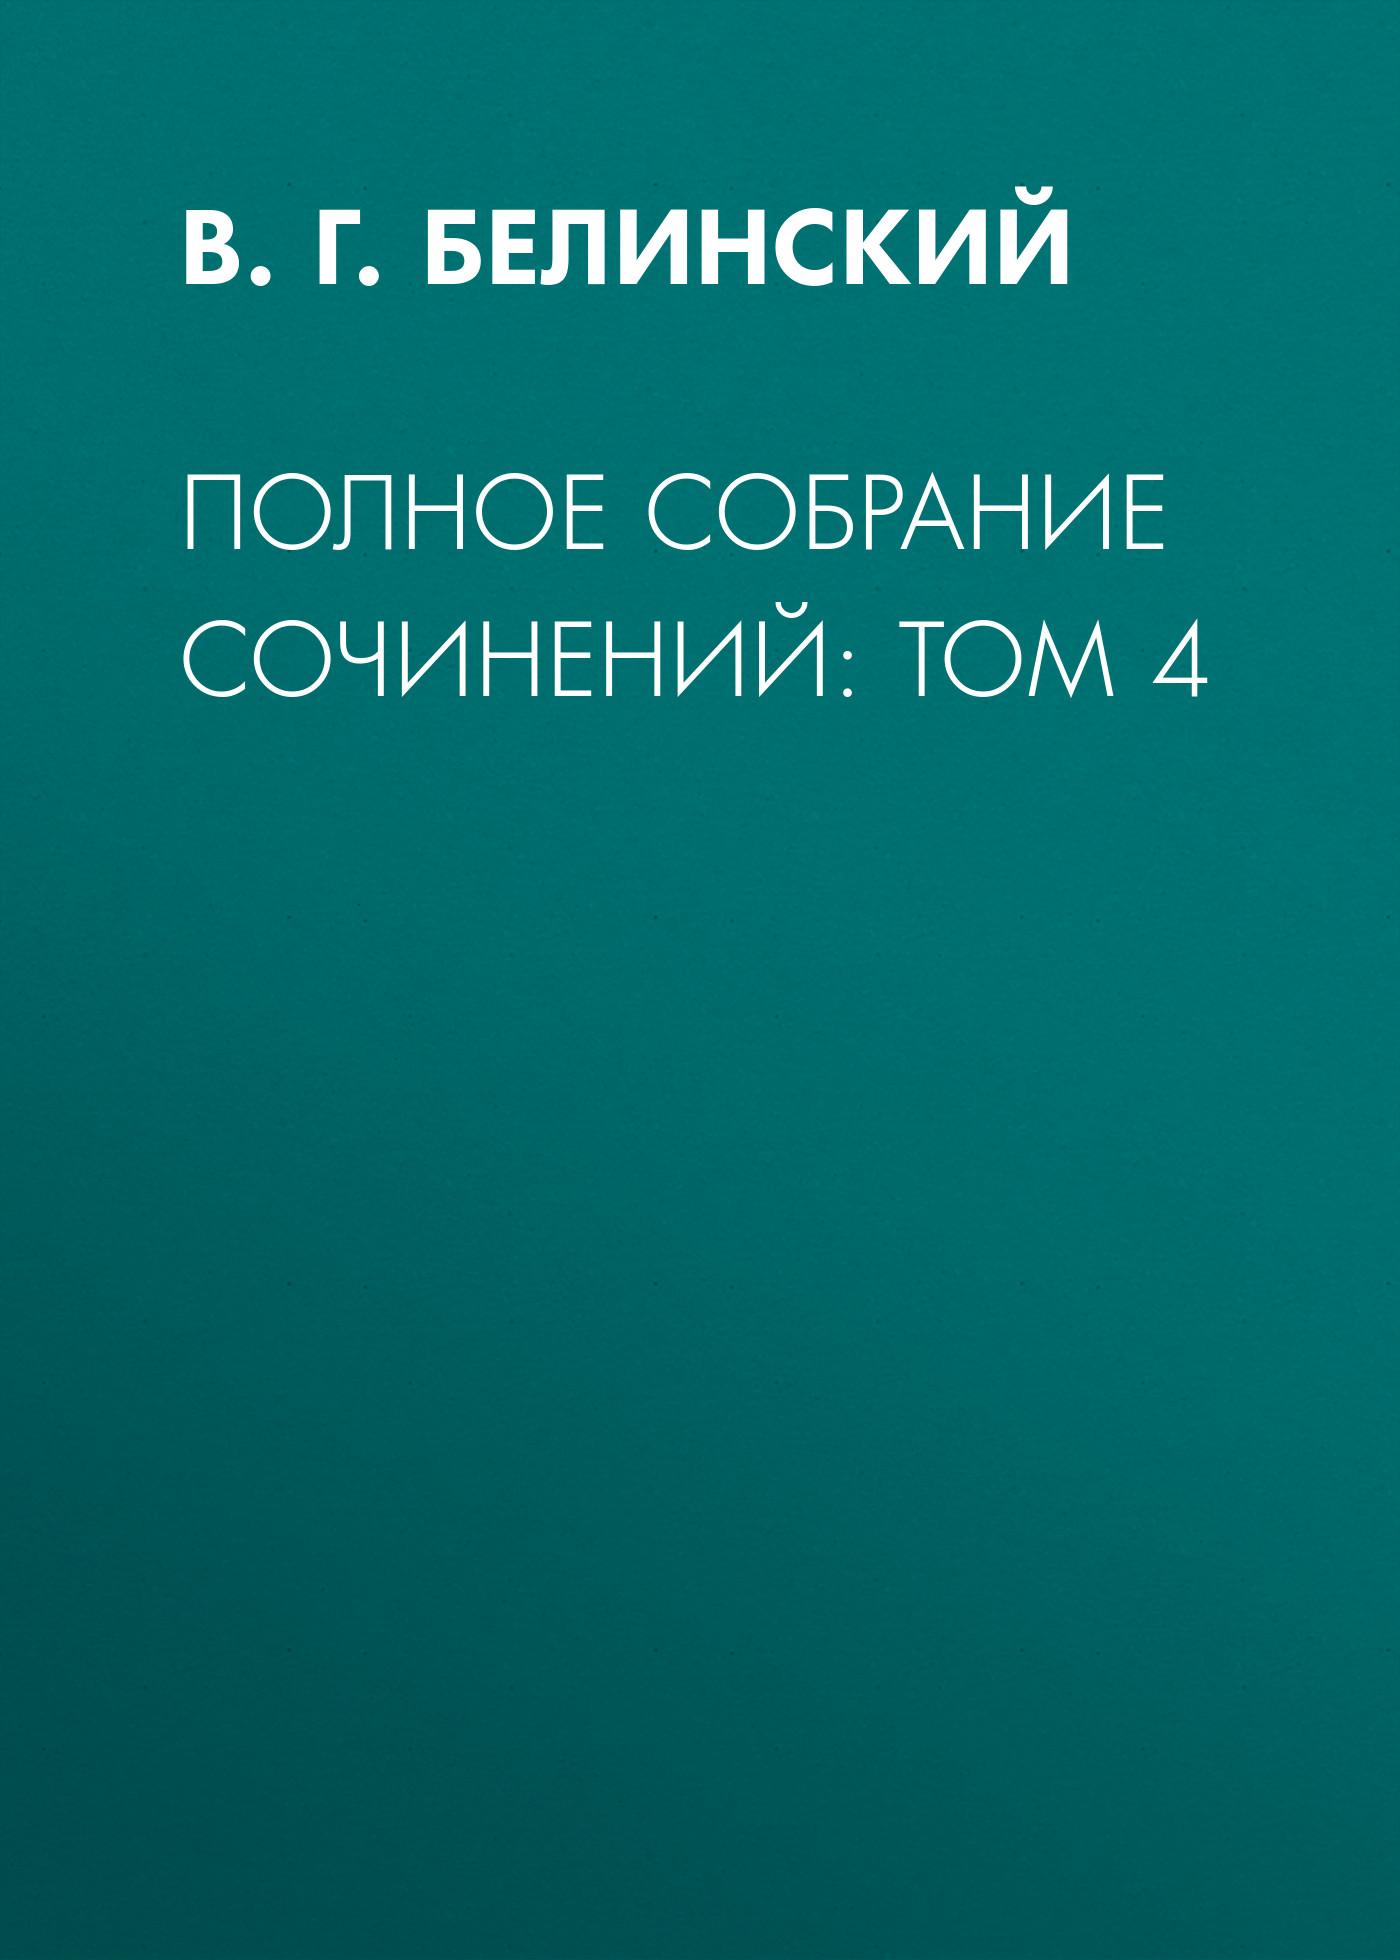 Полное собрание сочинений: Том 4